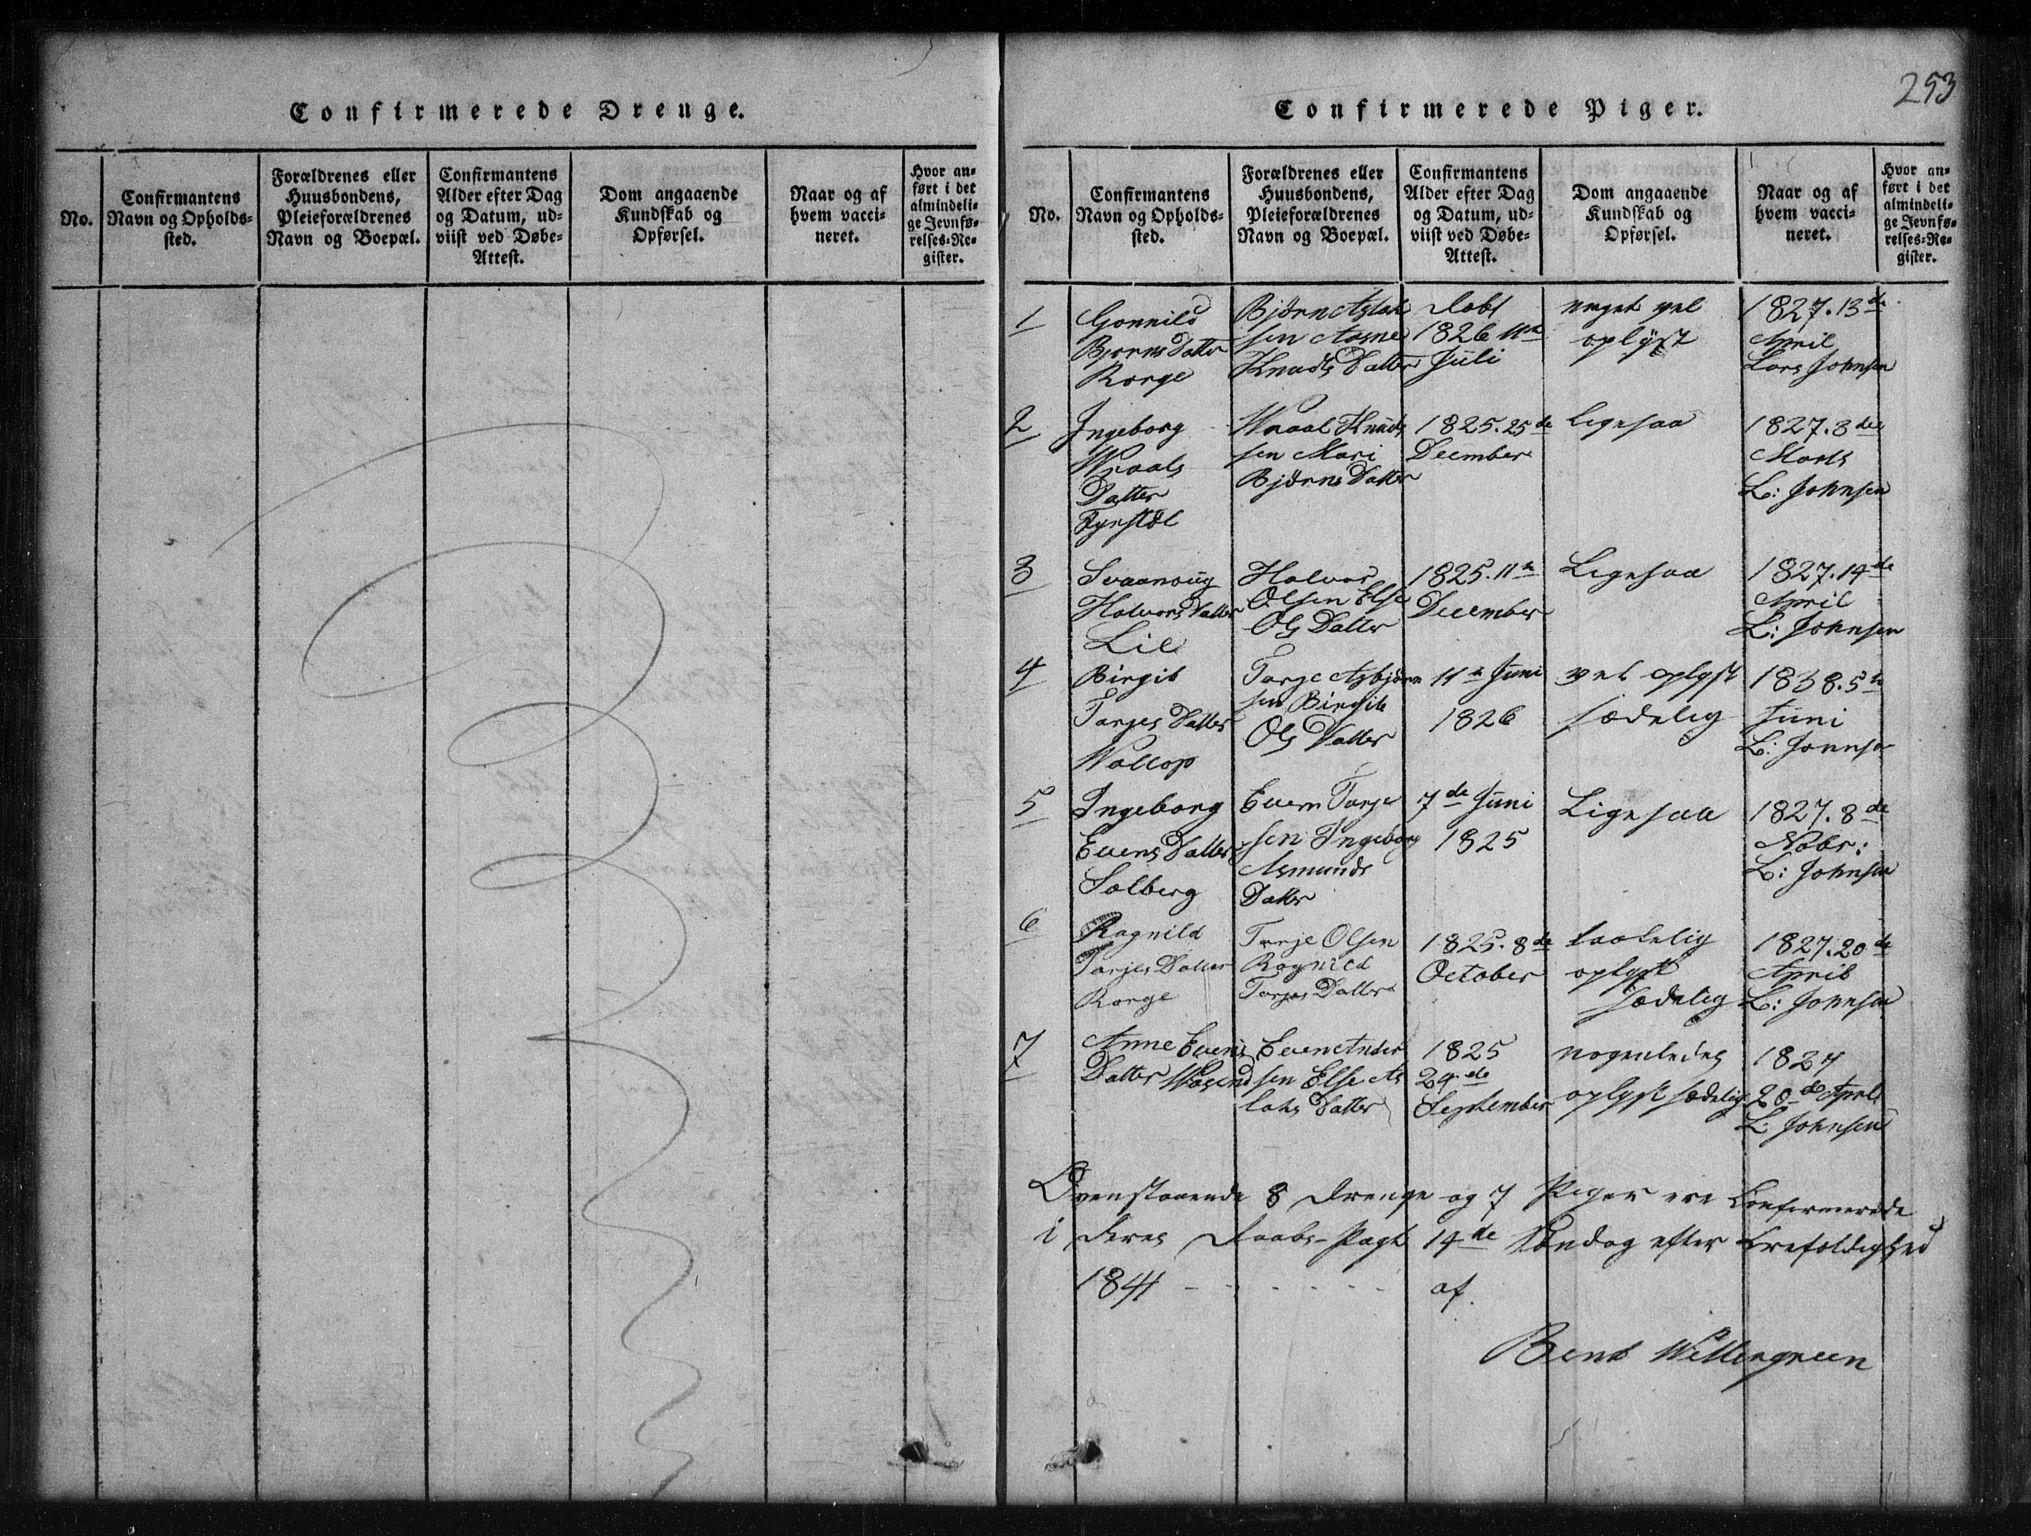 SAKO, Rauland kirkebøker, G/Gb/L0001: Klokkerbok nr. II 1, 1815-1886, s. 253